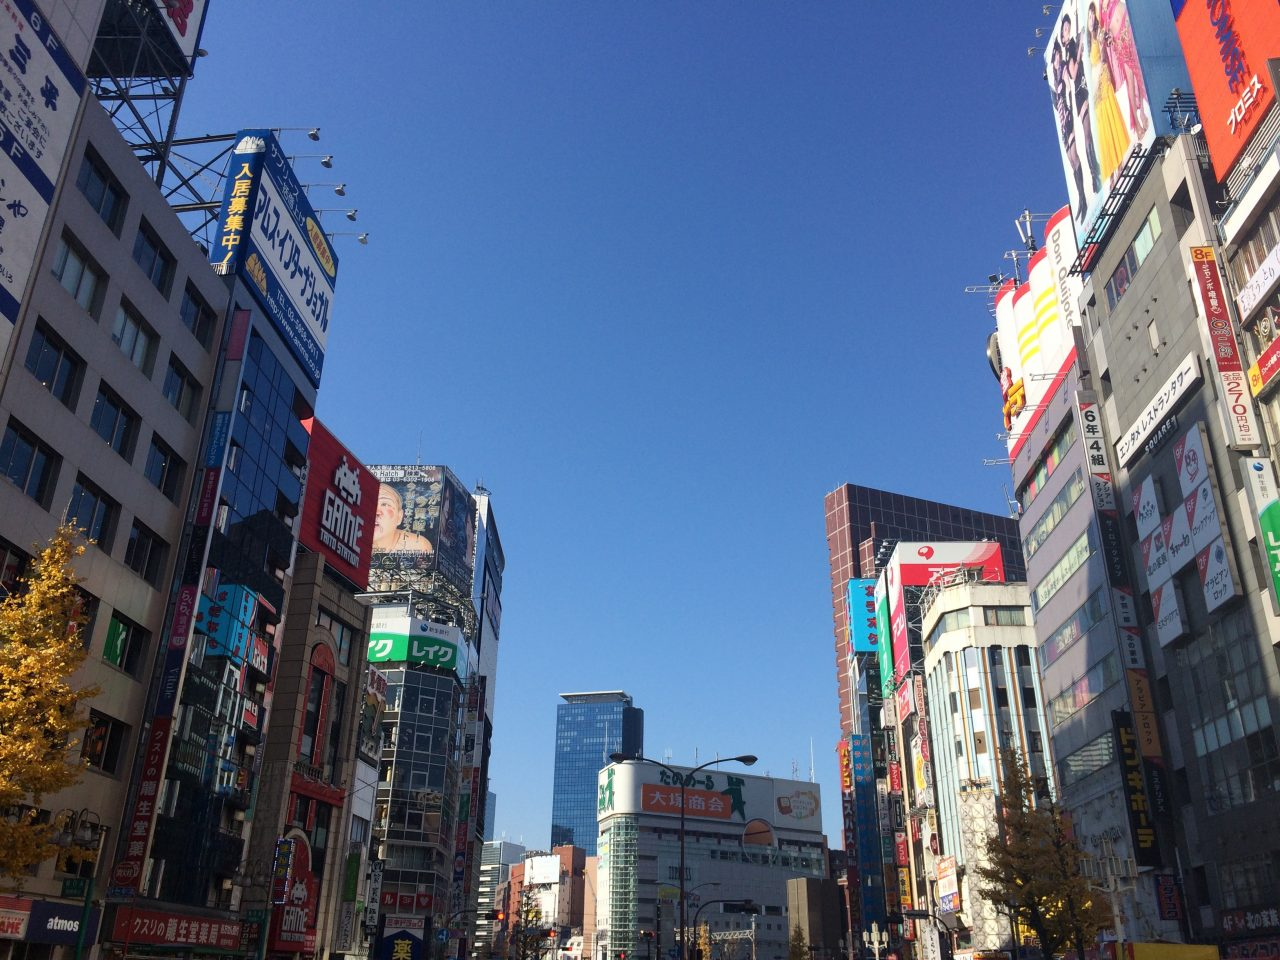 靖国通り沿いの新宿・歌舞伎町の雑居ビル街の写真